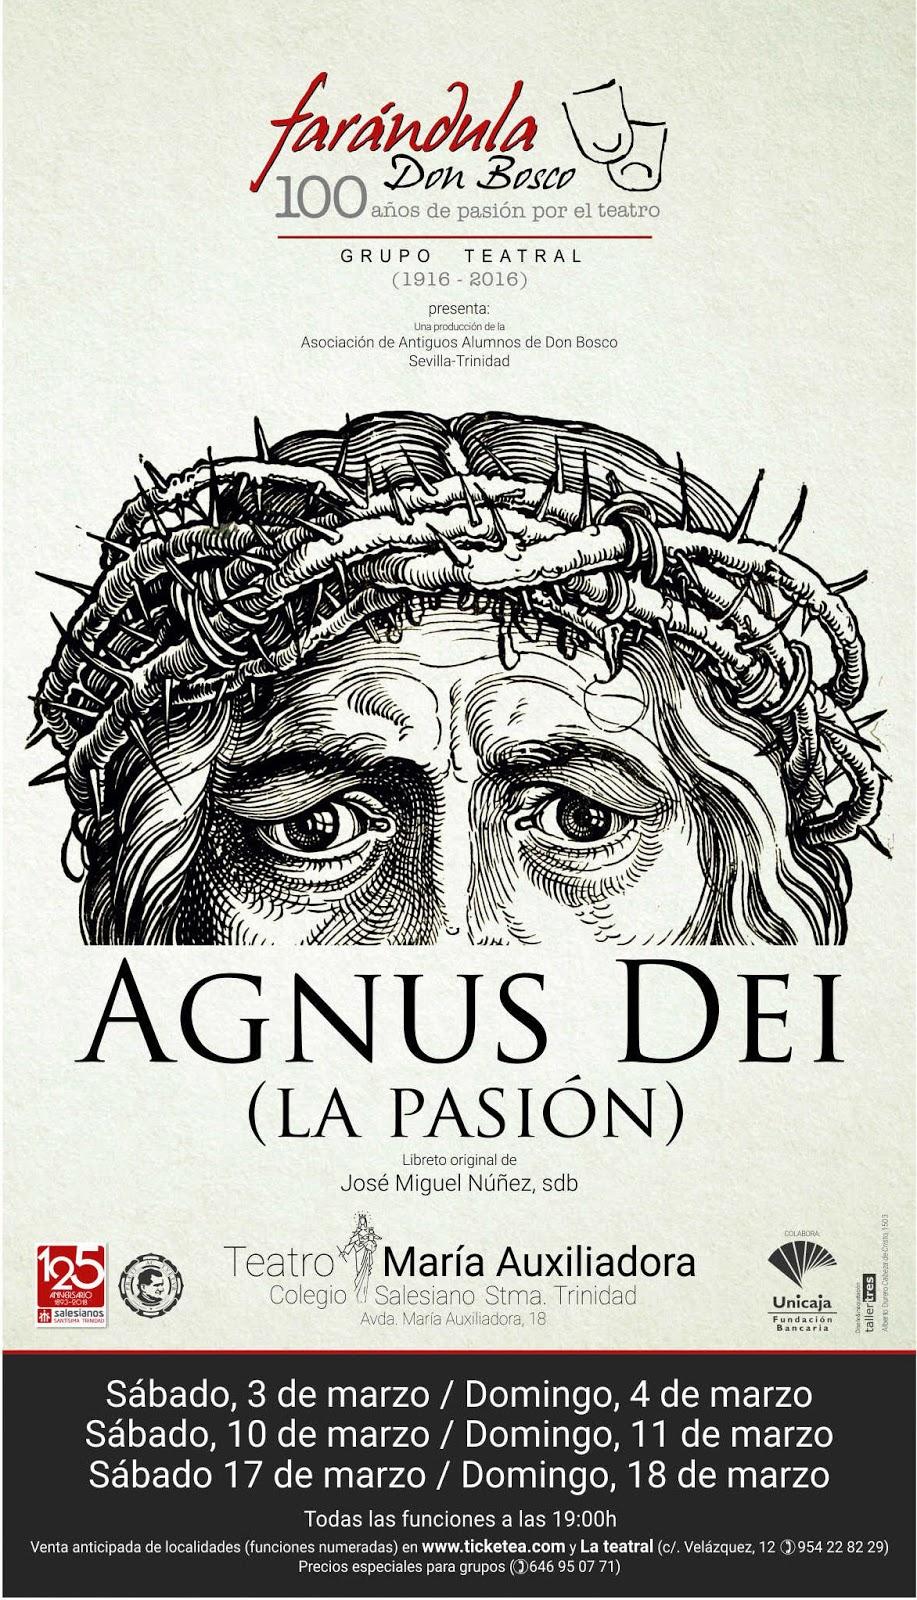 AGNUS DEI (La Pasión)